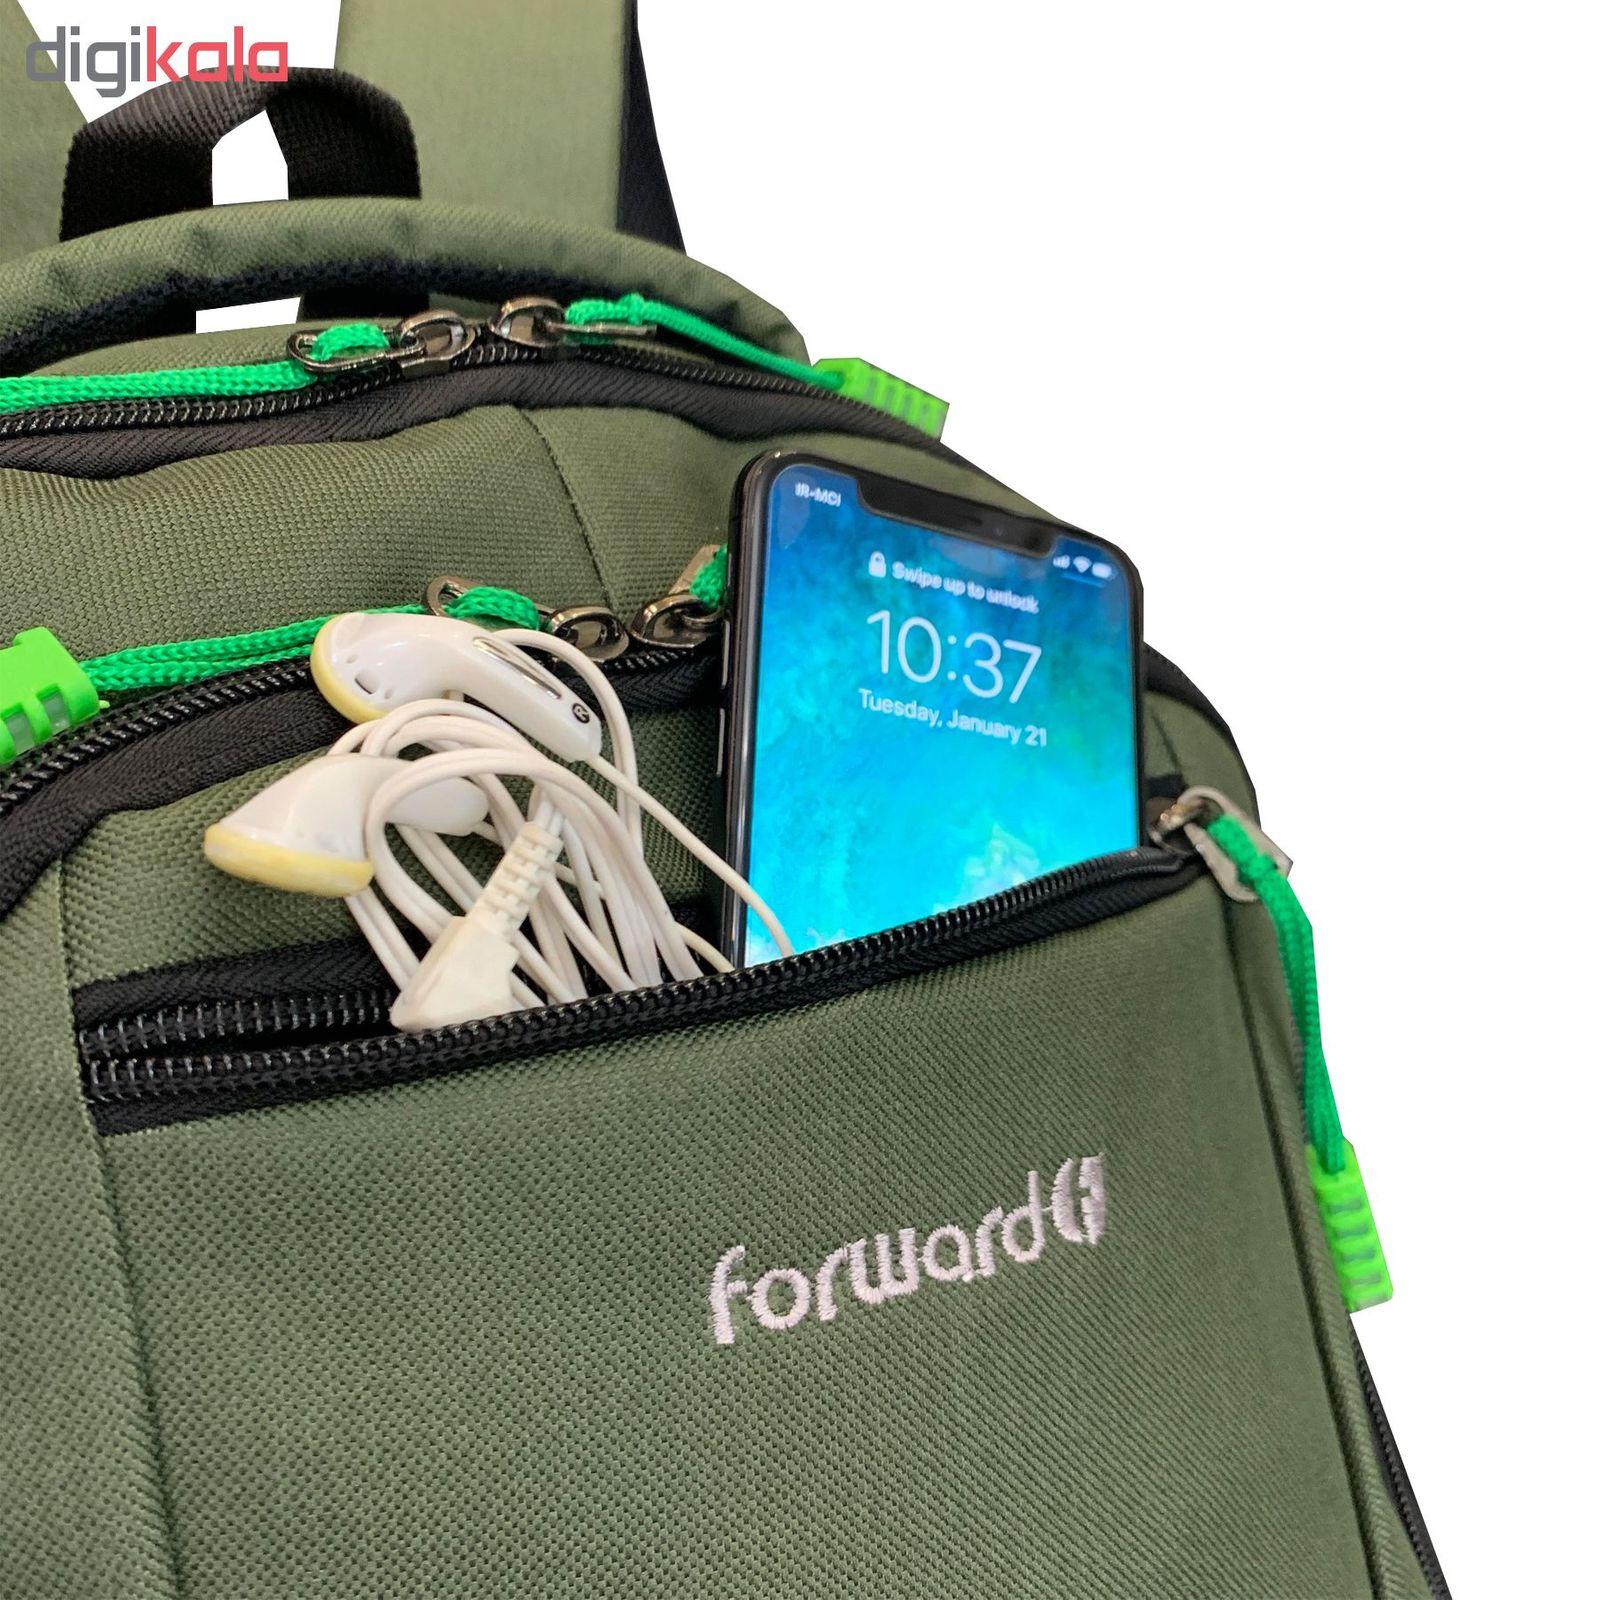 کوله پشتی فوروارد مدل FCLT7788 main 1 8